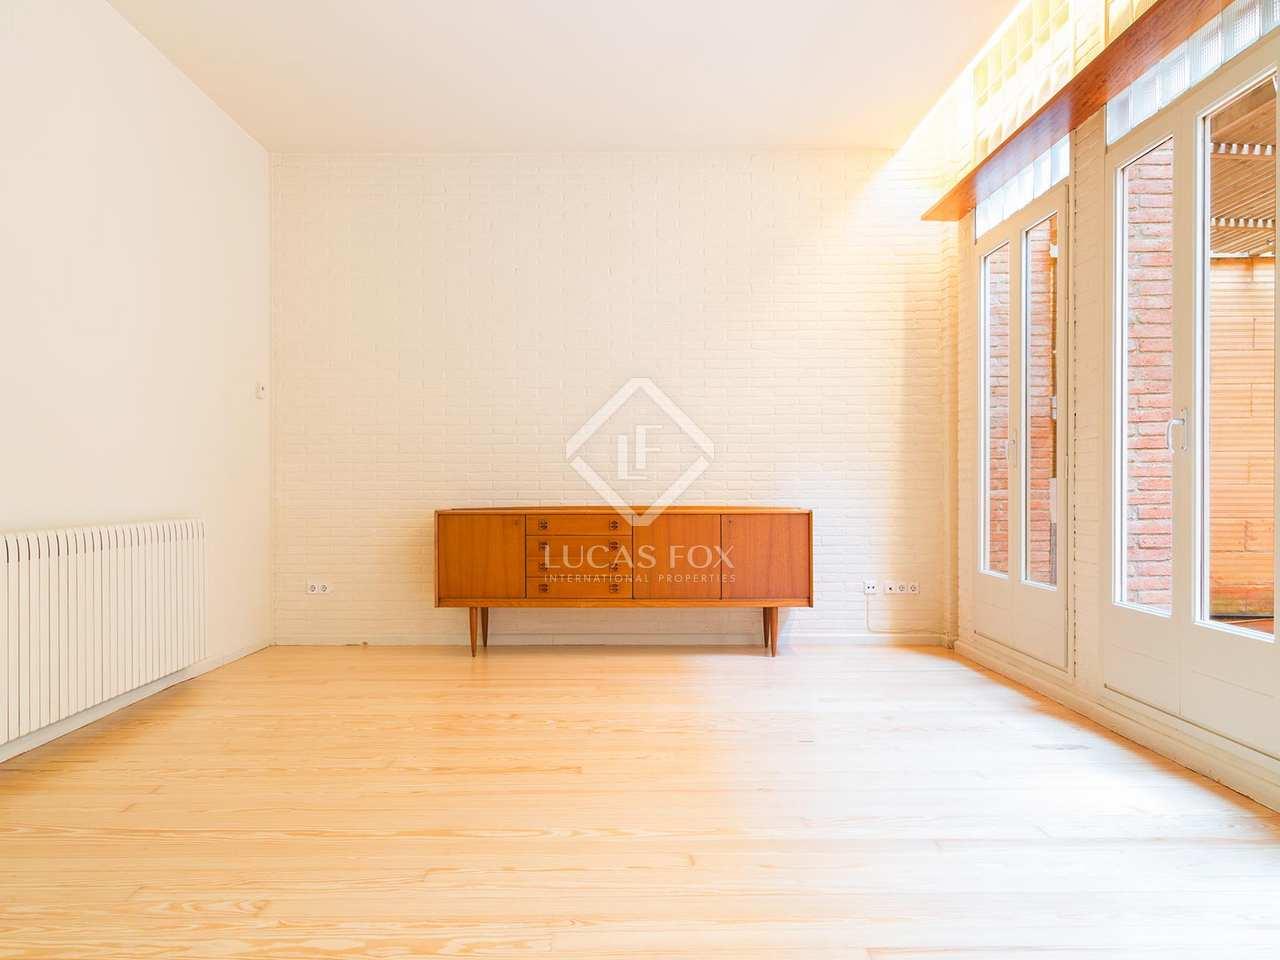 Casa con terraza en alquiler en gr cia barcelona for Casa alquiler barcelona jardin